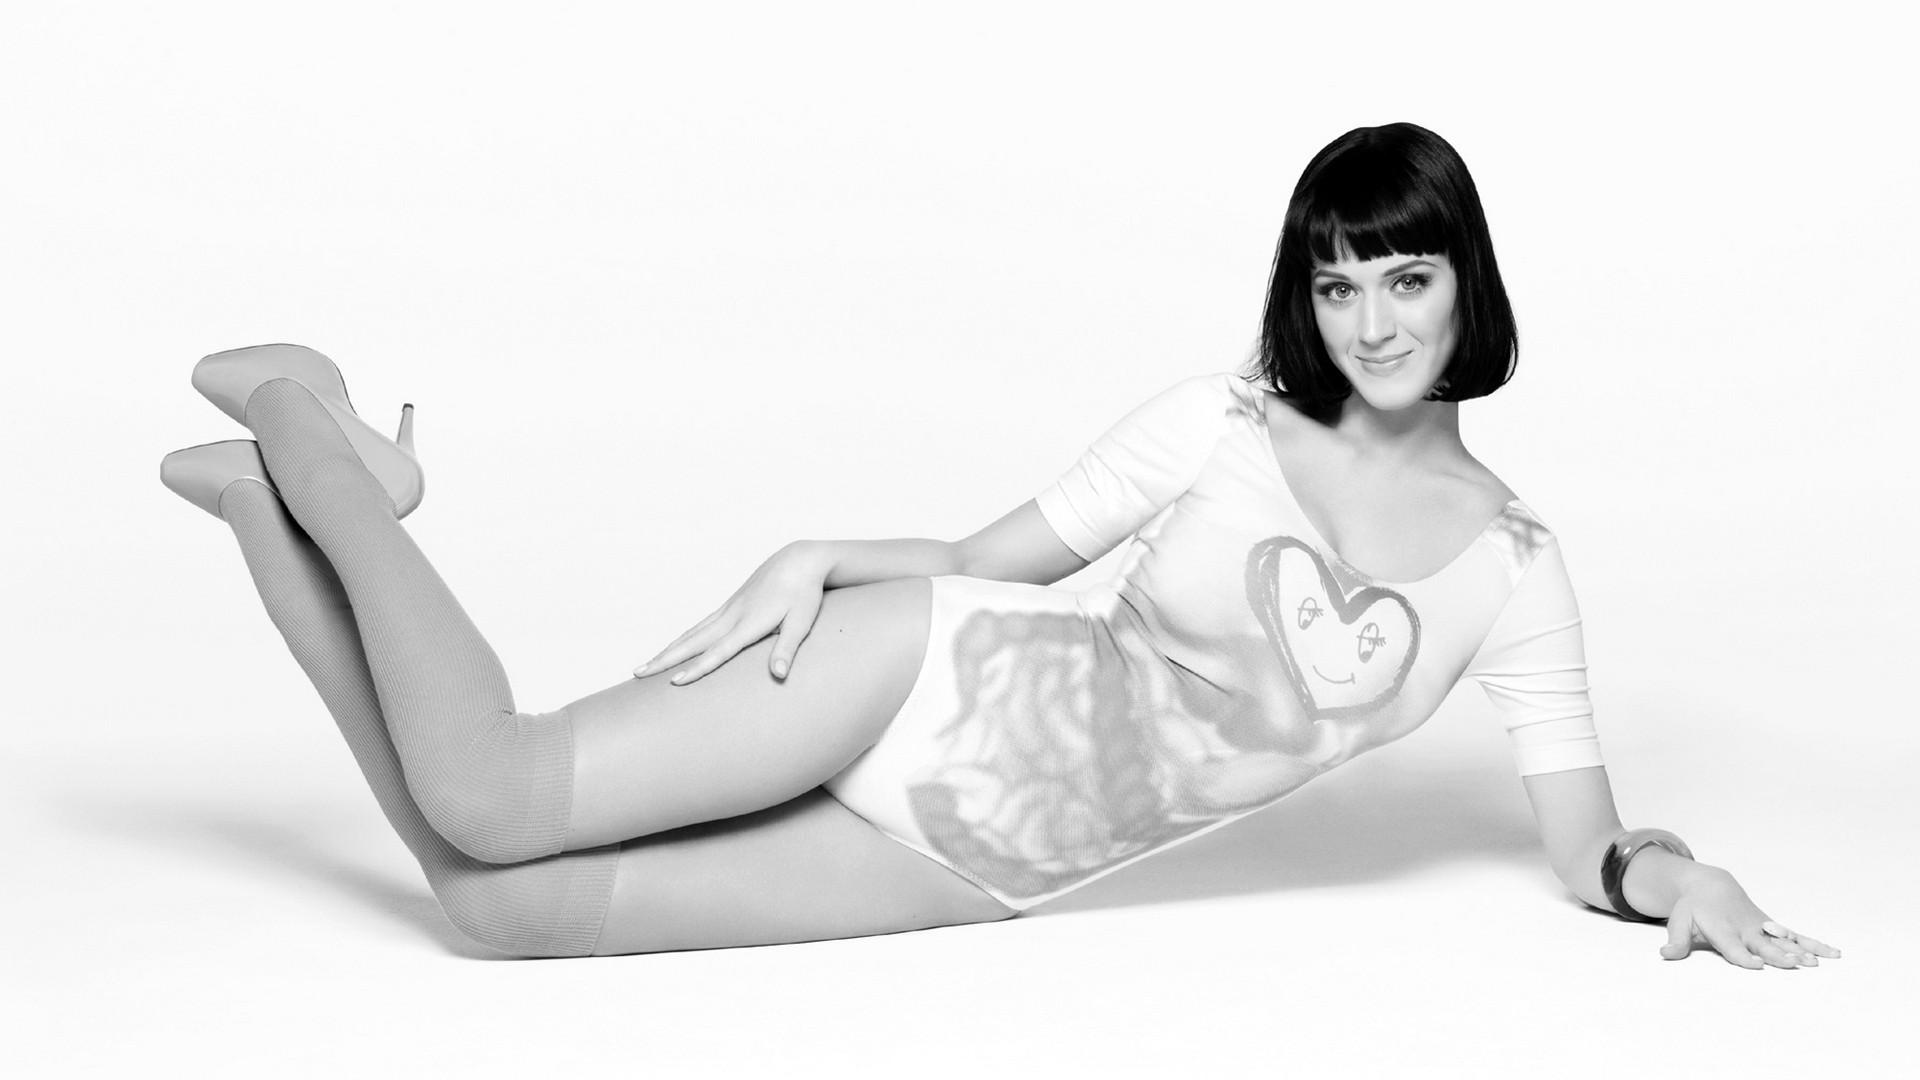 Wallpaper: una Katy Perry in bianco e nero